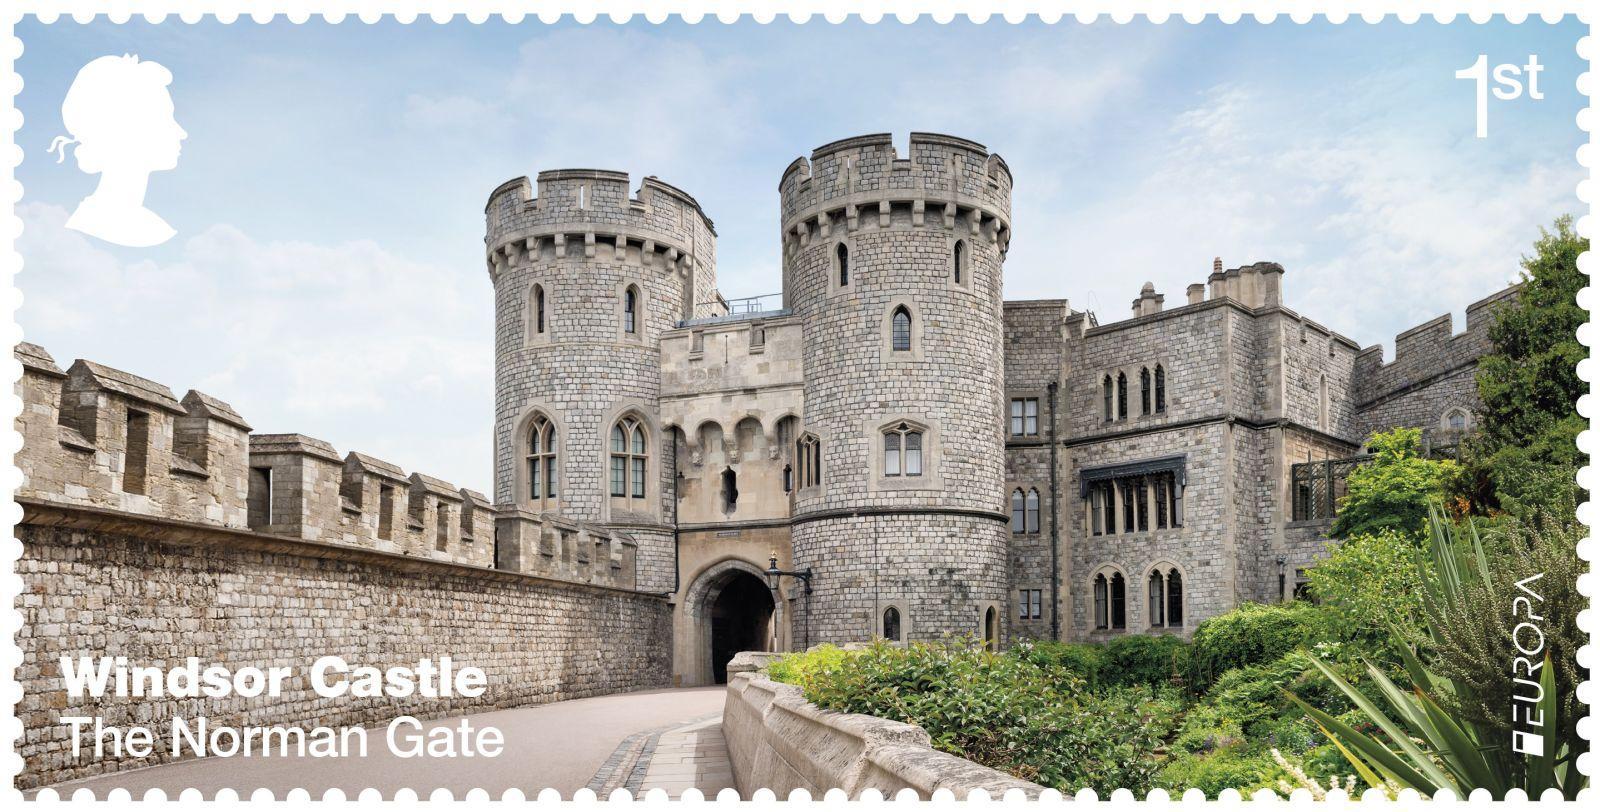 Windsor_Castle_on_Royal_Mail_stamps04